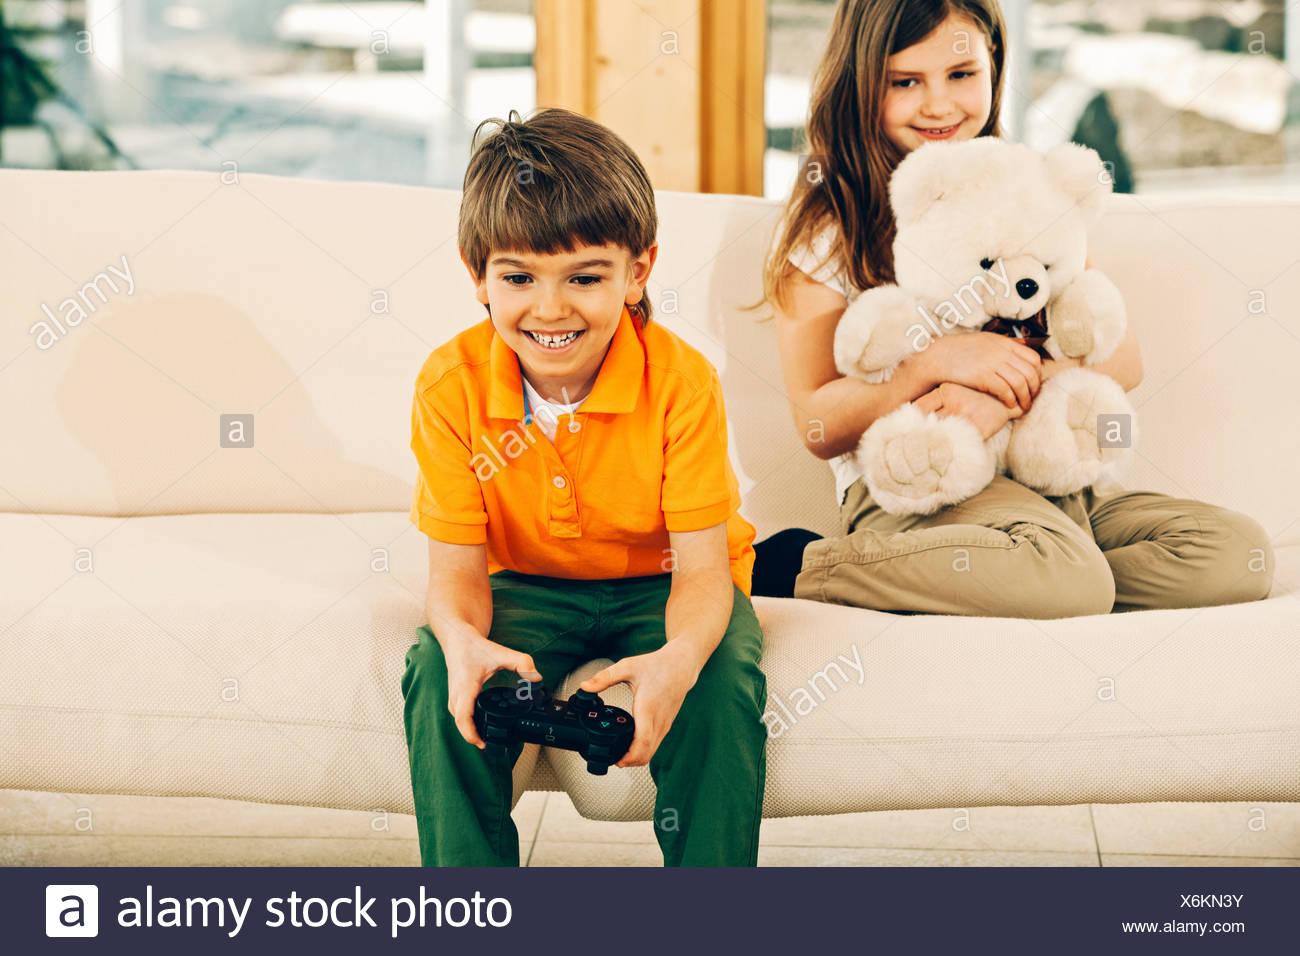 Niño jugando juego de vídeo en sala hermana celebración osito Imagen De Stock